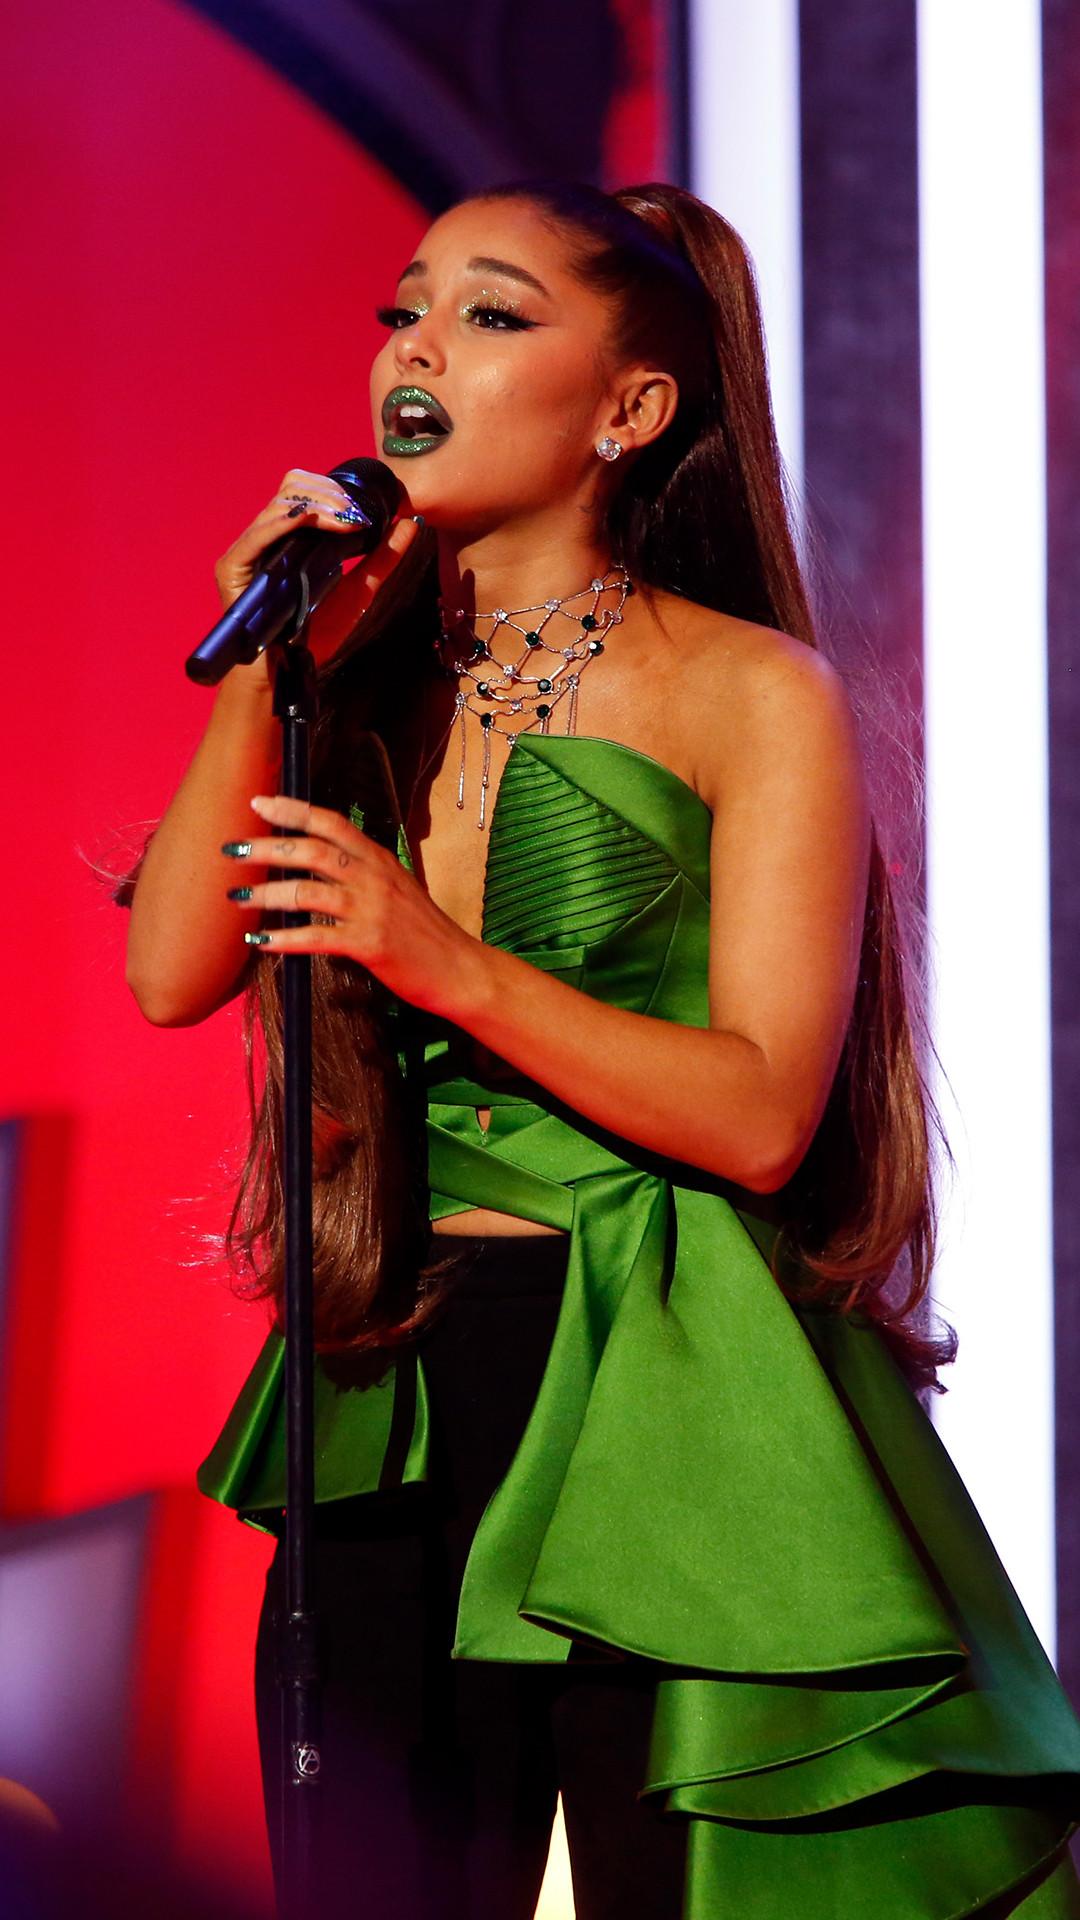 Wicked, Idina Menzel, Kristin Chenoweth, Ariana Grande